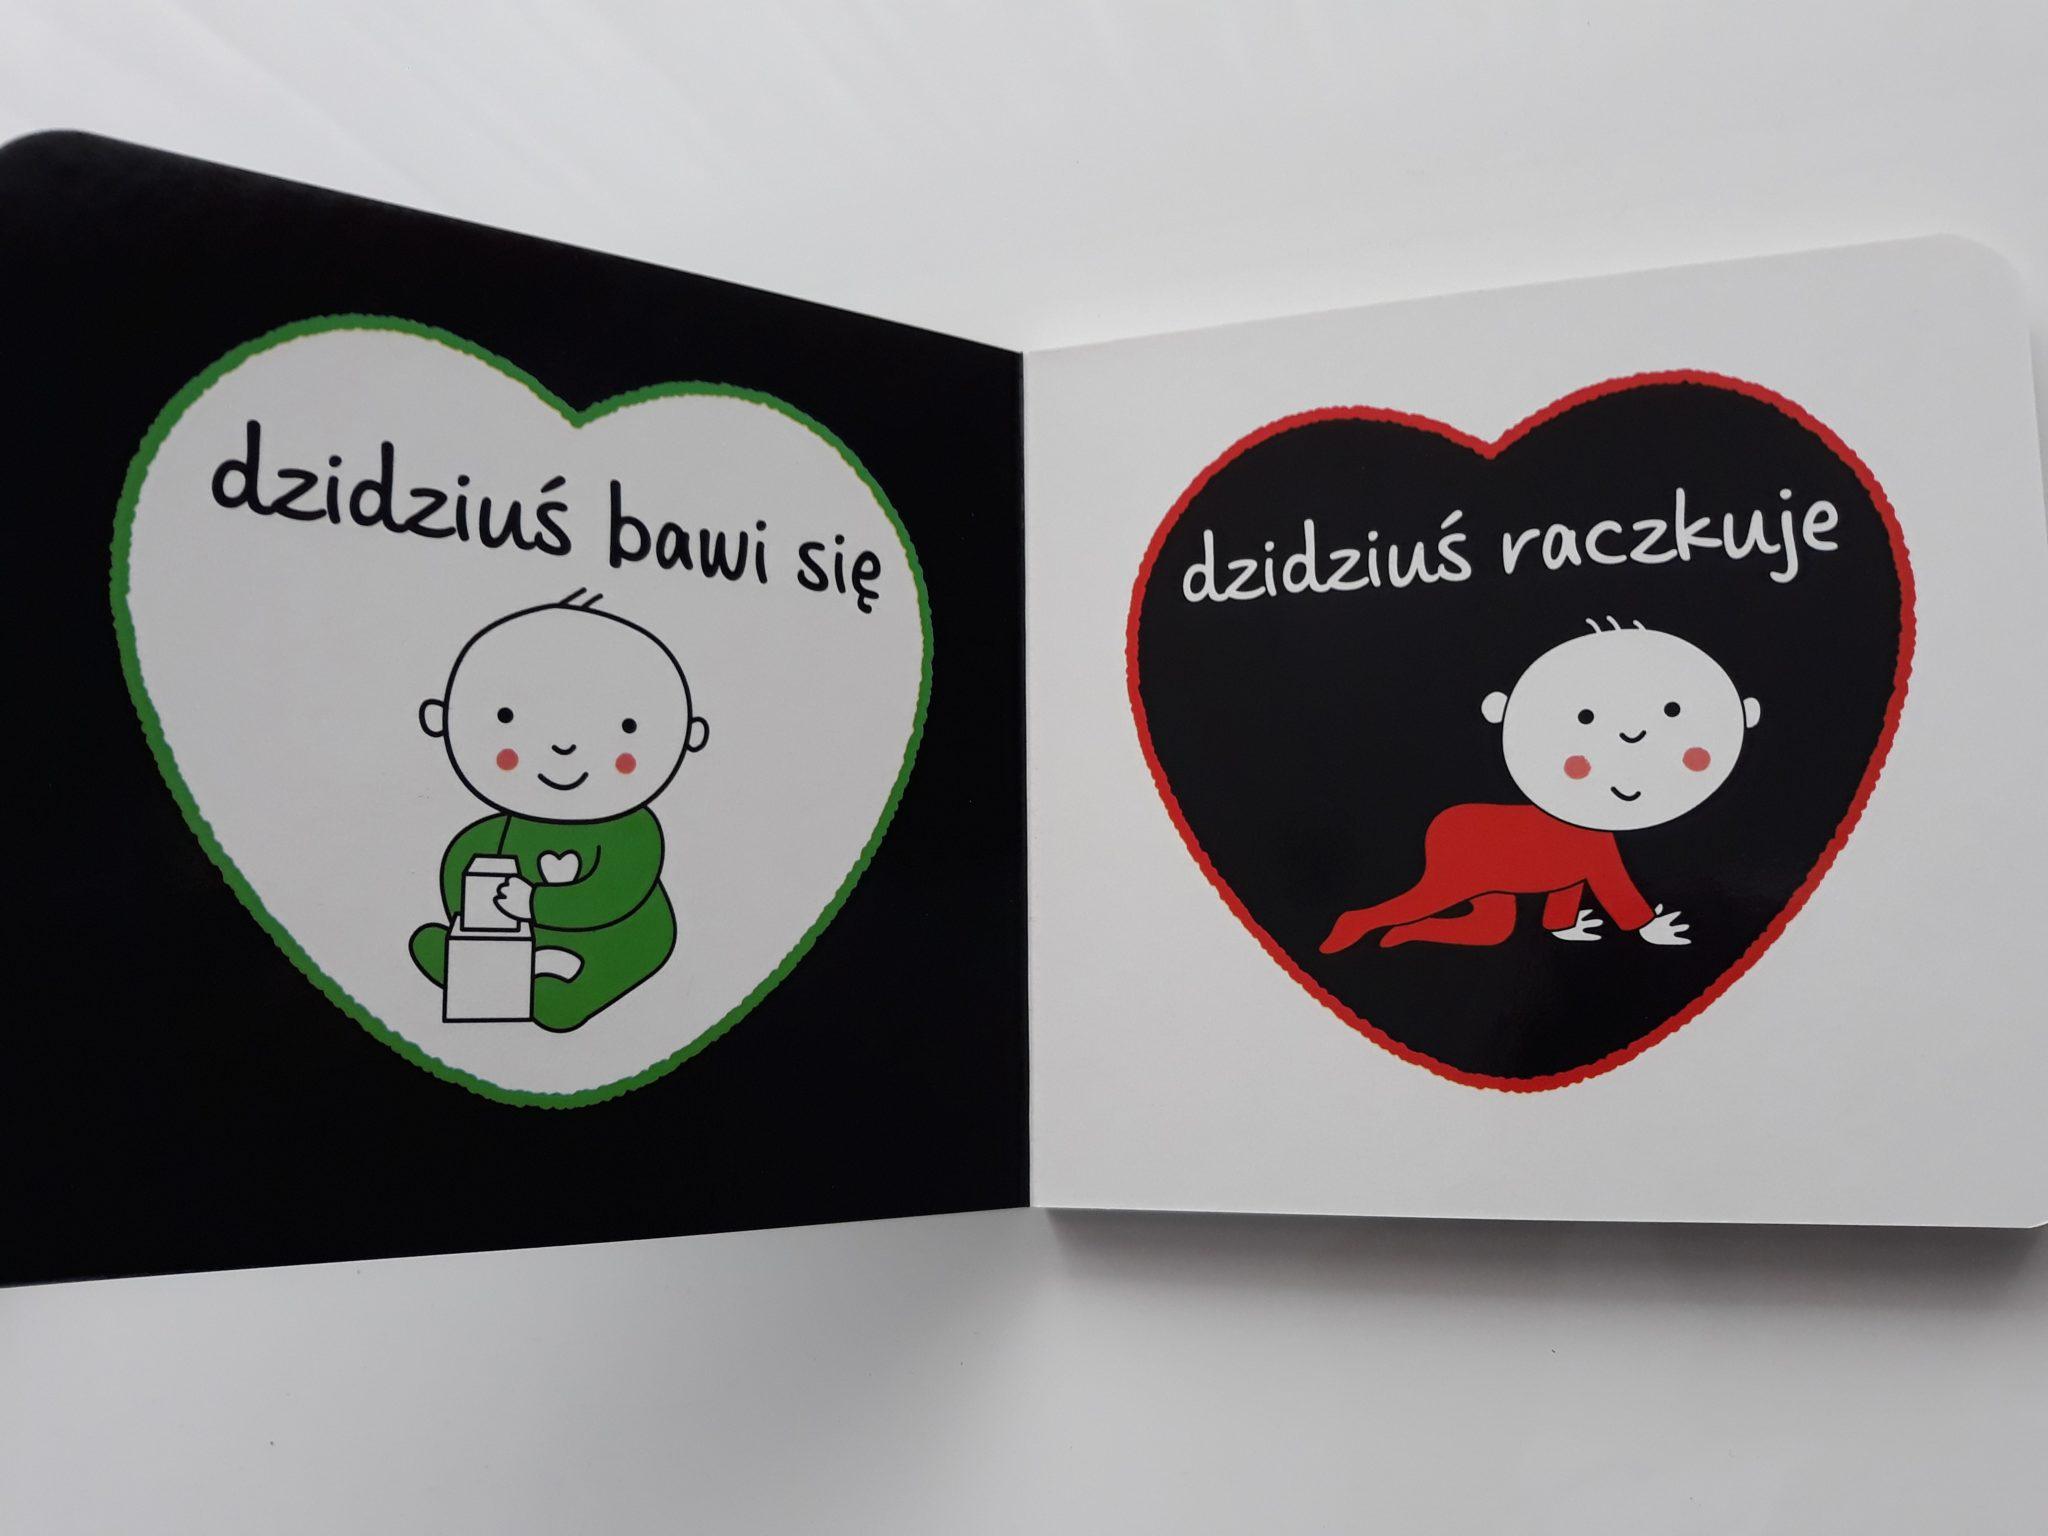 Książeczka kontrastowa Świat dzidziusia, czynności codzienne. Książki dla niemowląt.